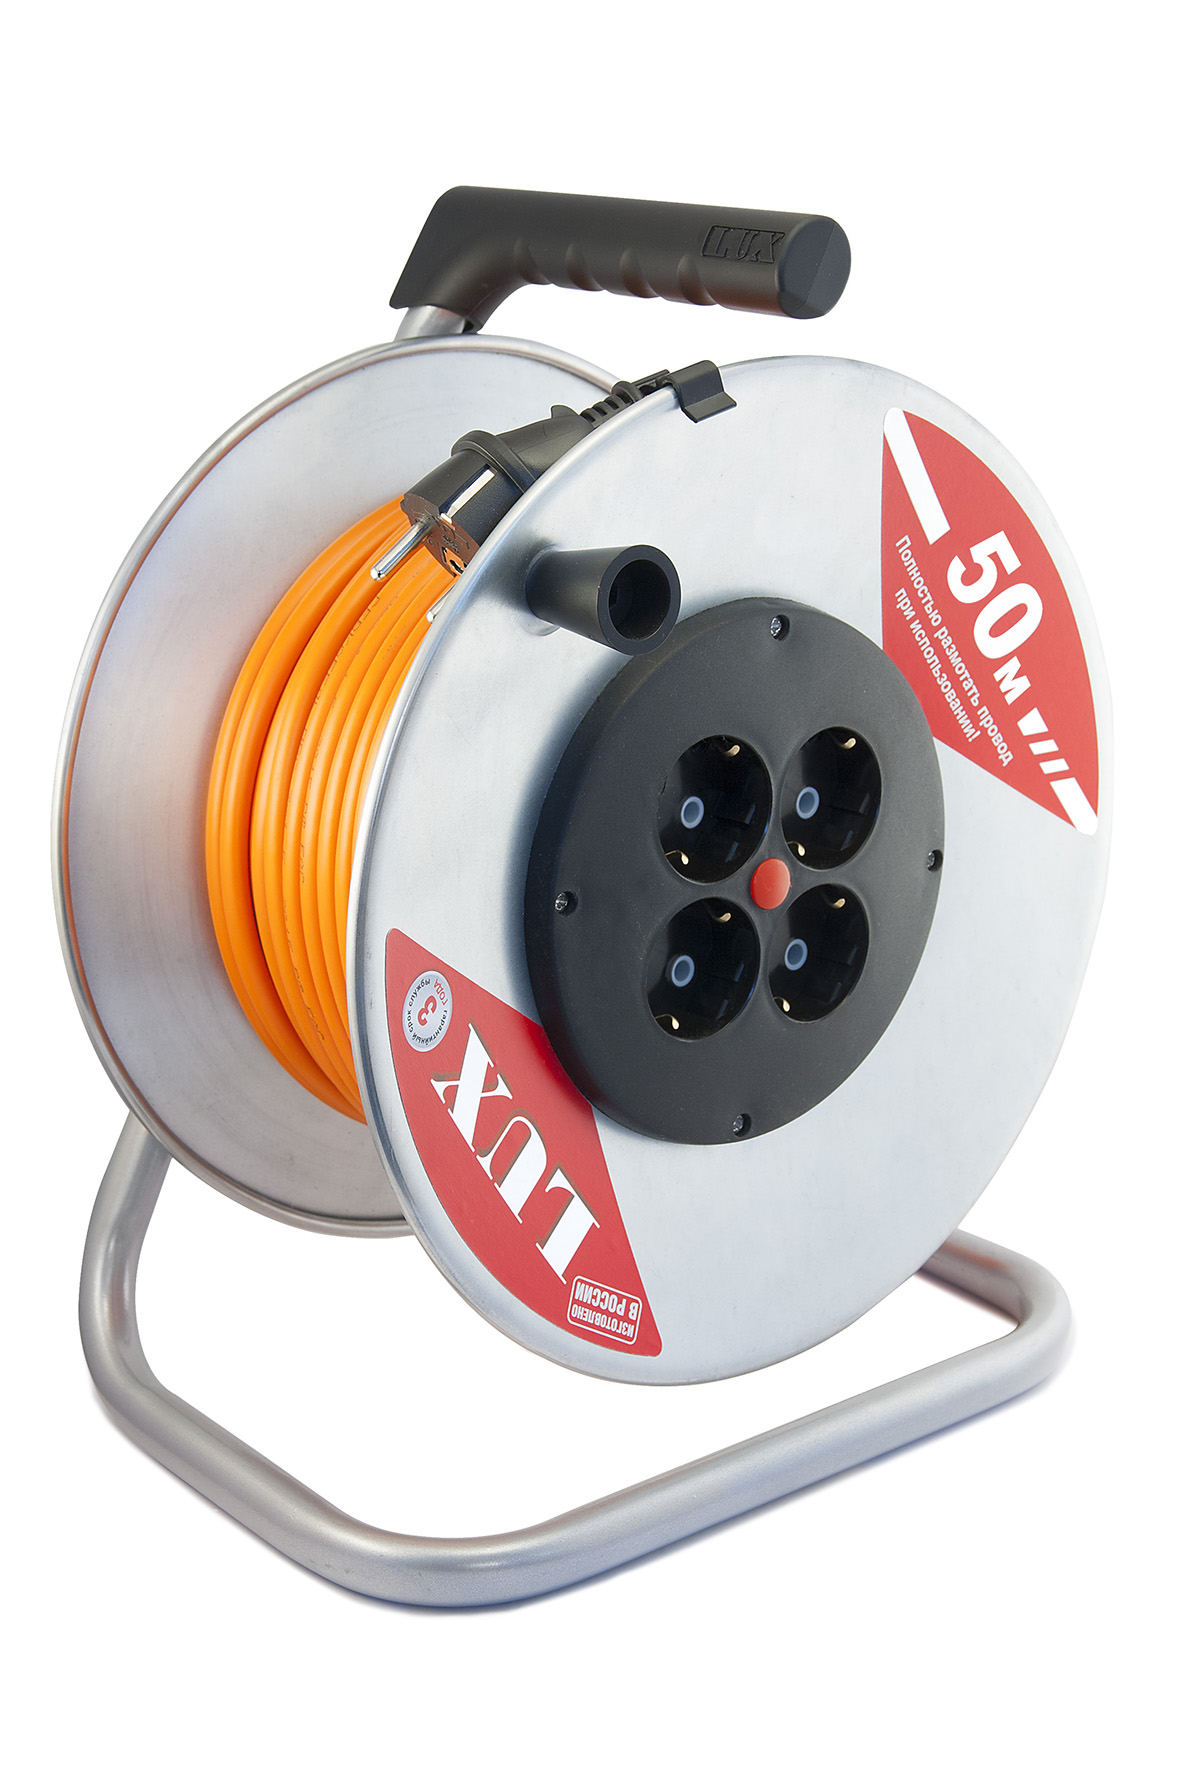 Удлинитель Lux 40150 К4-Е-50 ПВС силовой удлинитель на катушке к1 0 25 lux 4606400417552